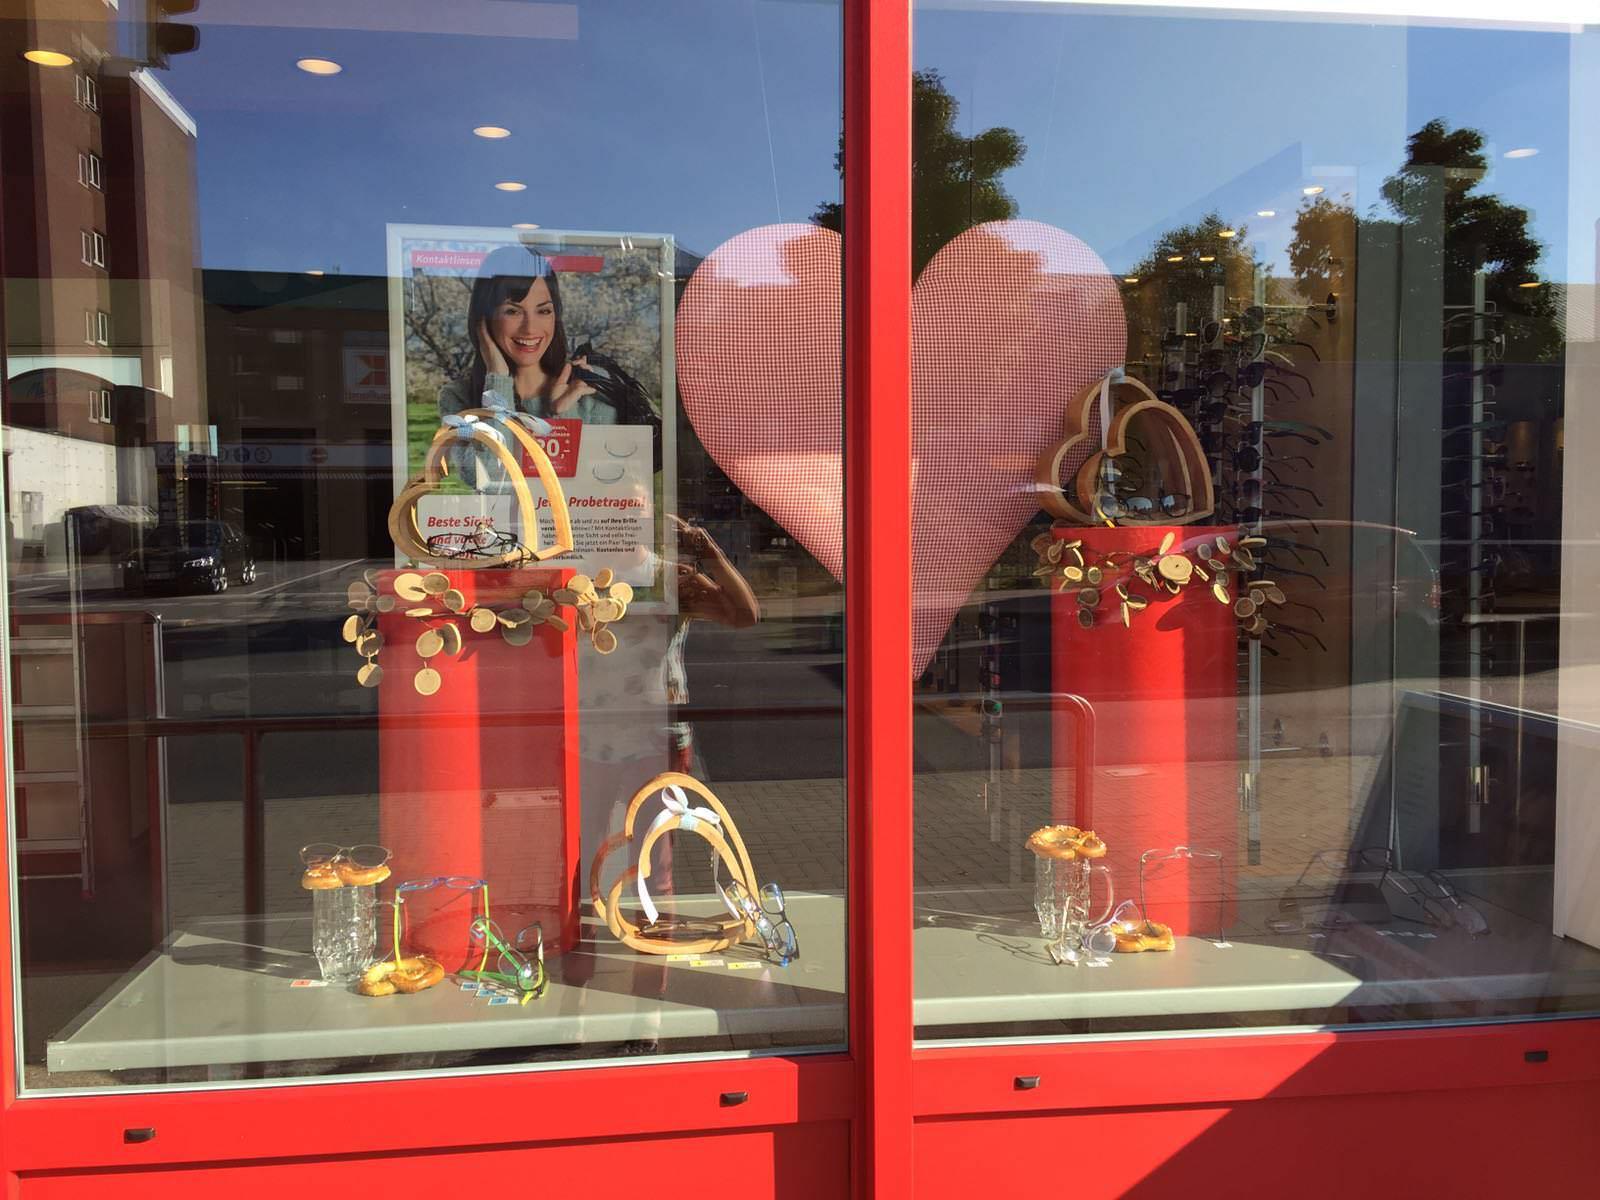 BrillenBube - Herzen